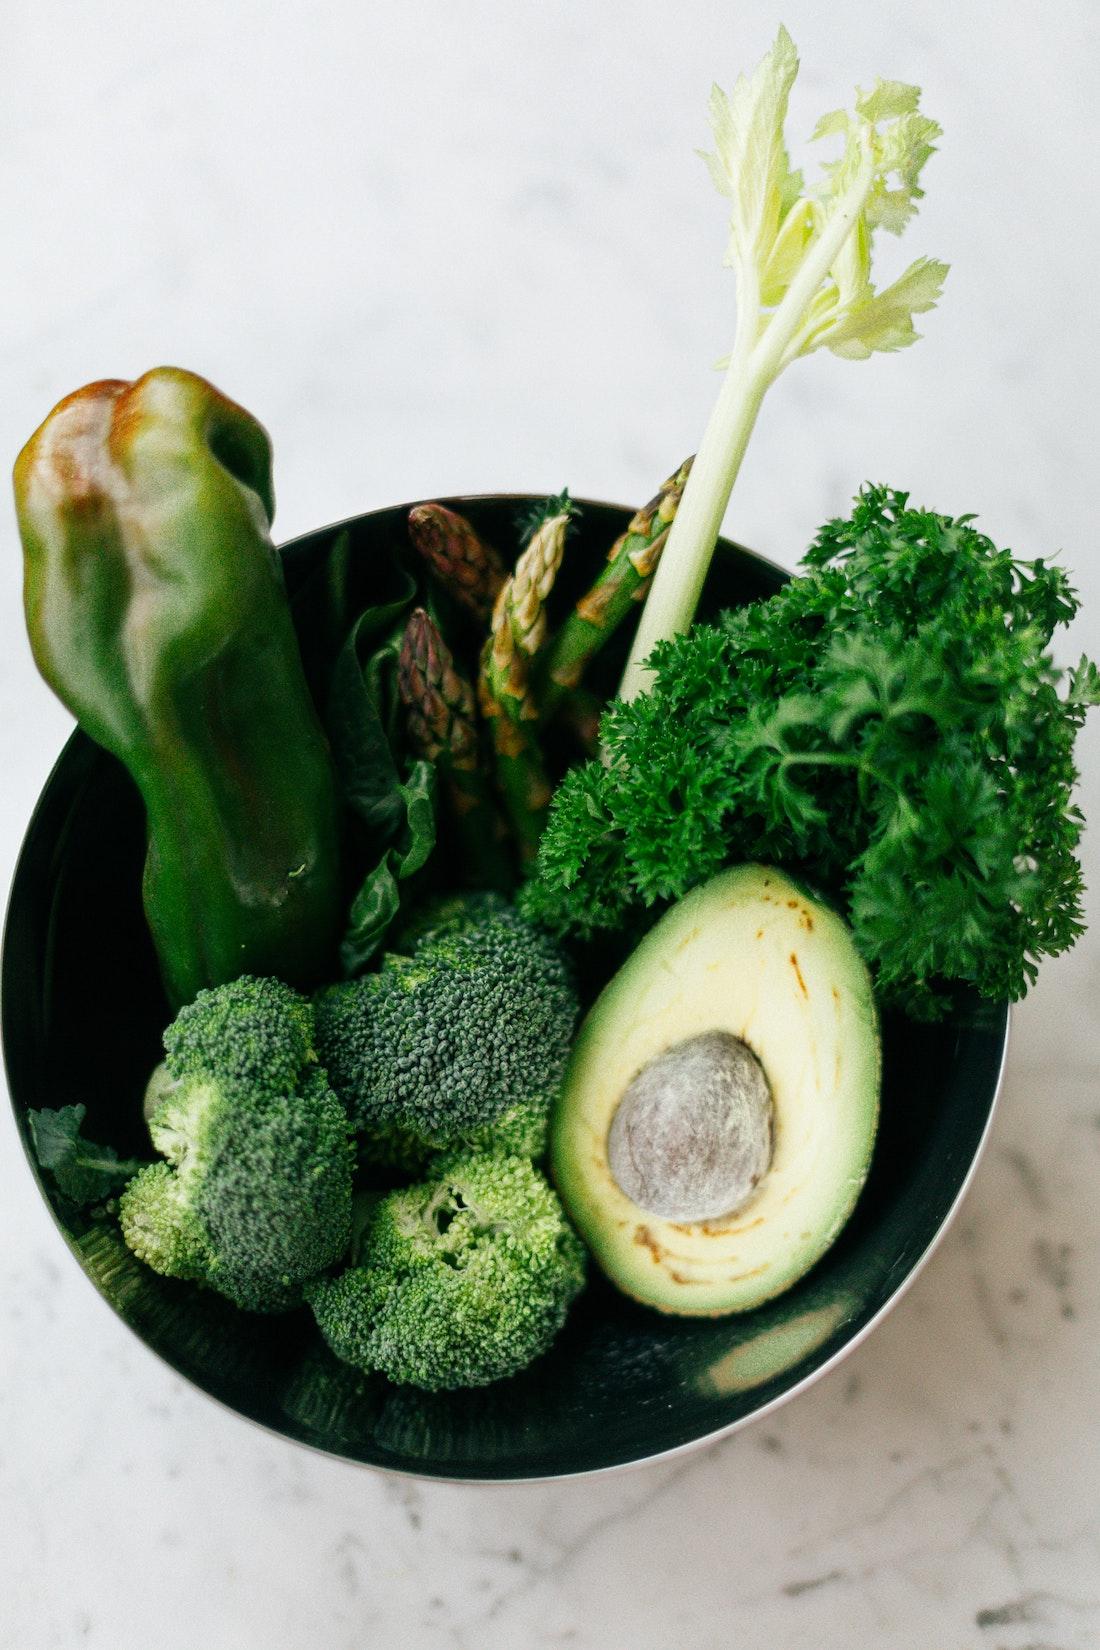 Bowl of Fresh Produce